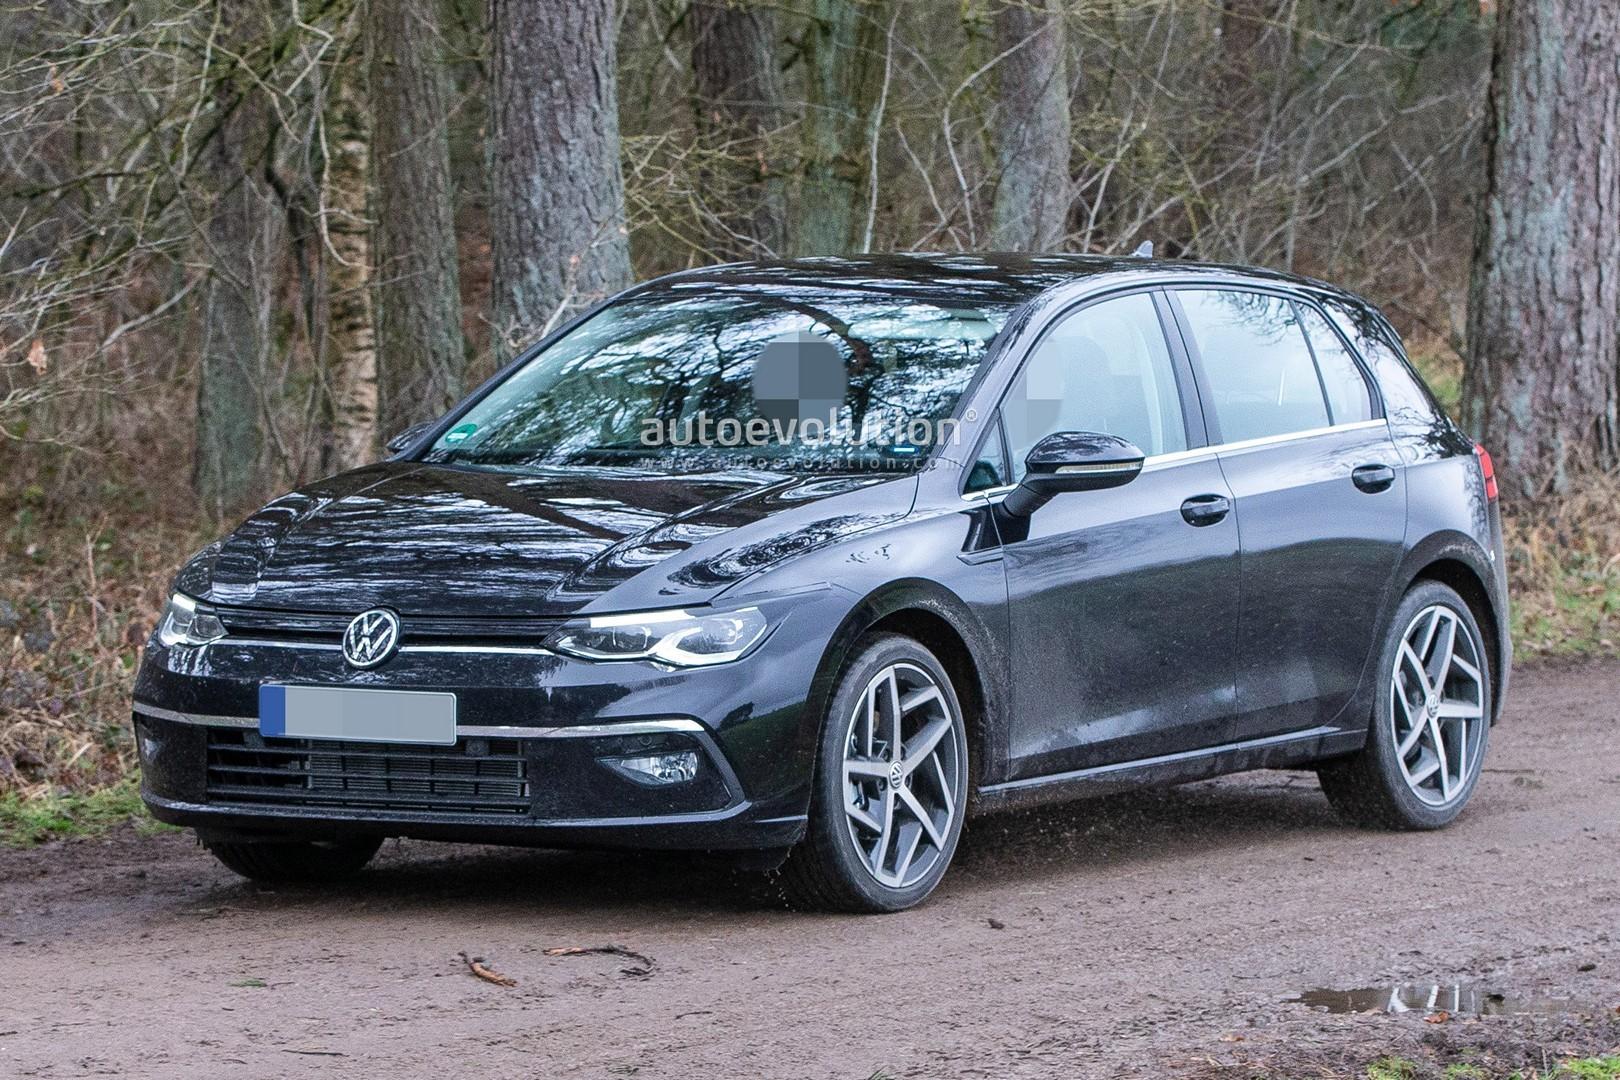 2020 Volkswagen Golf 8 Spied Virtually Undisguised ...